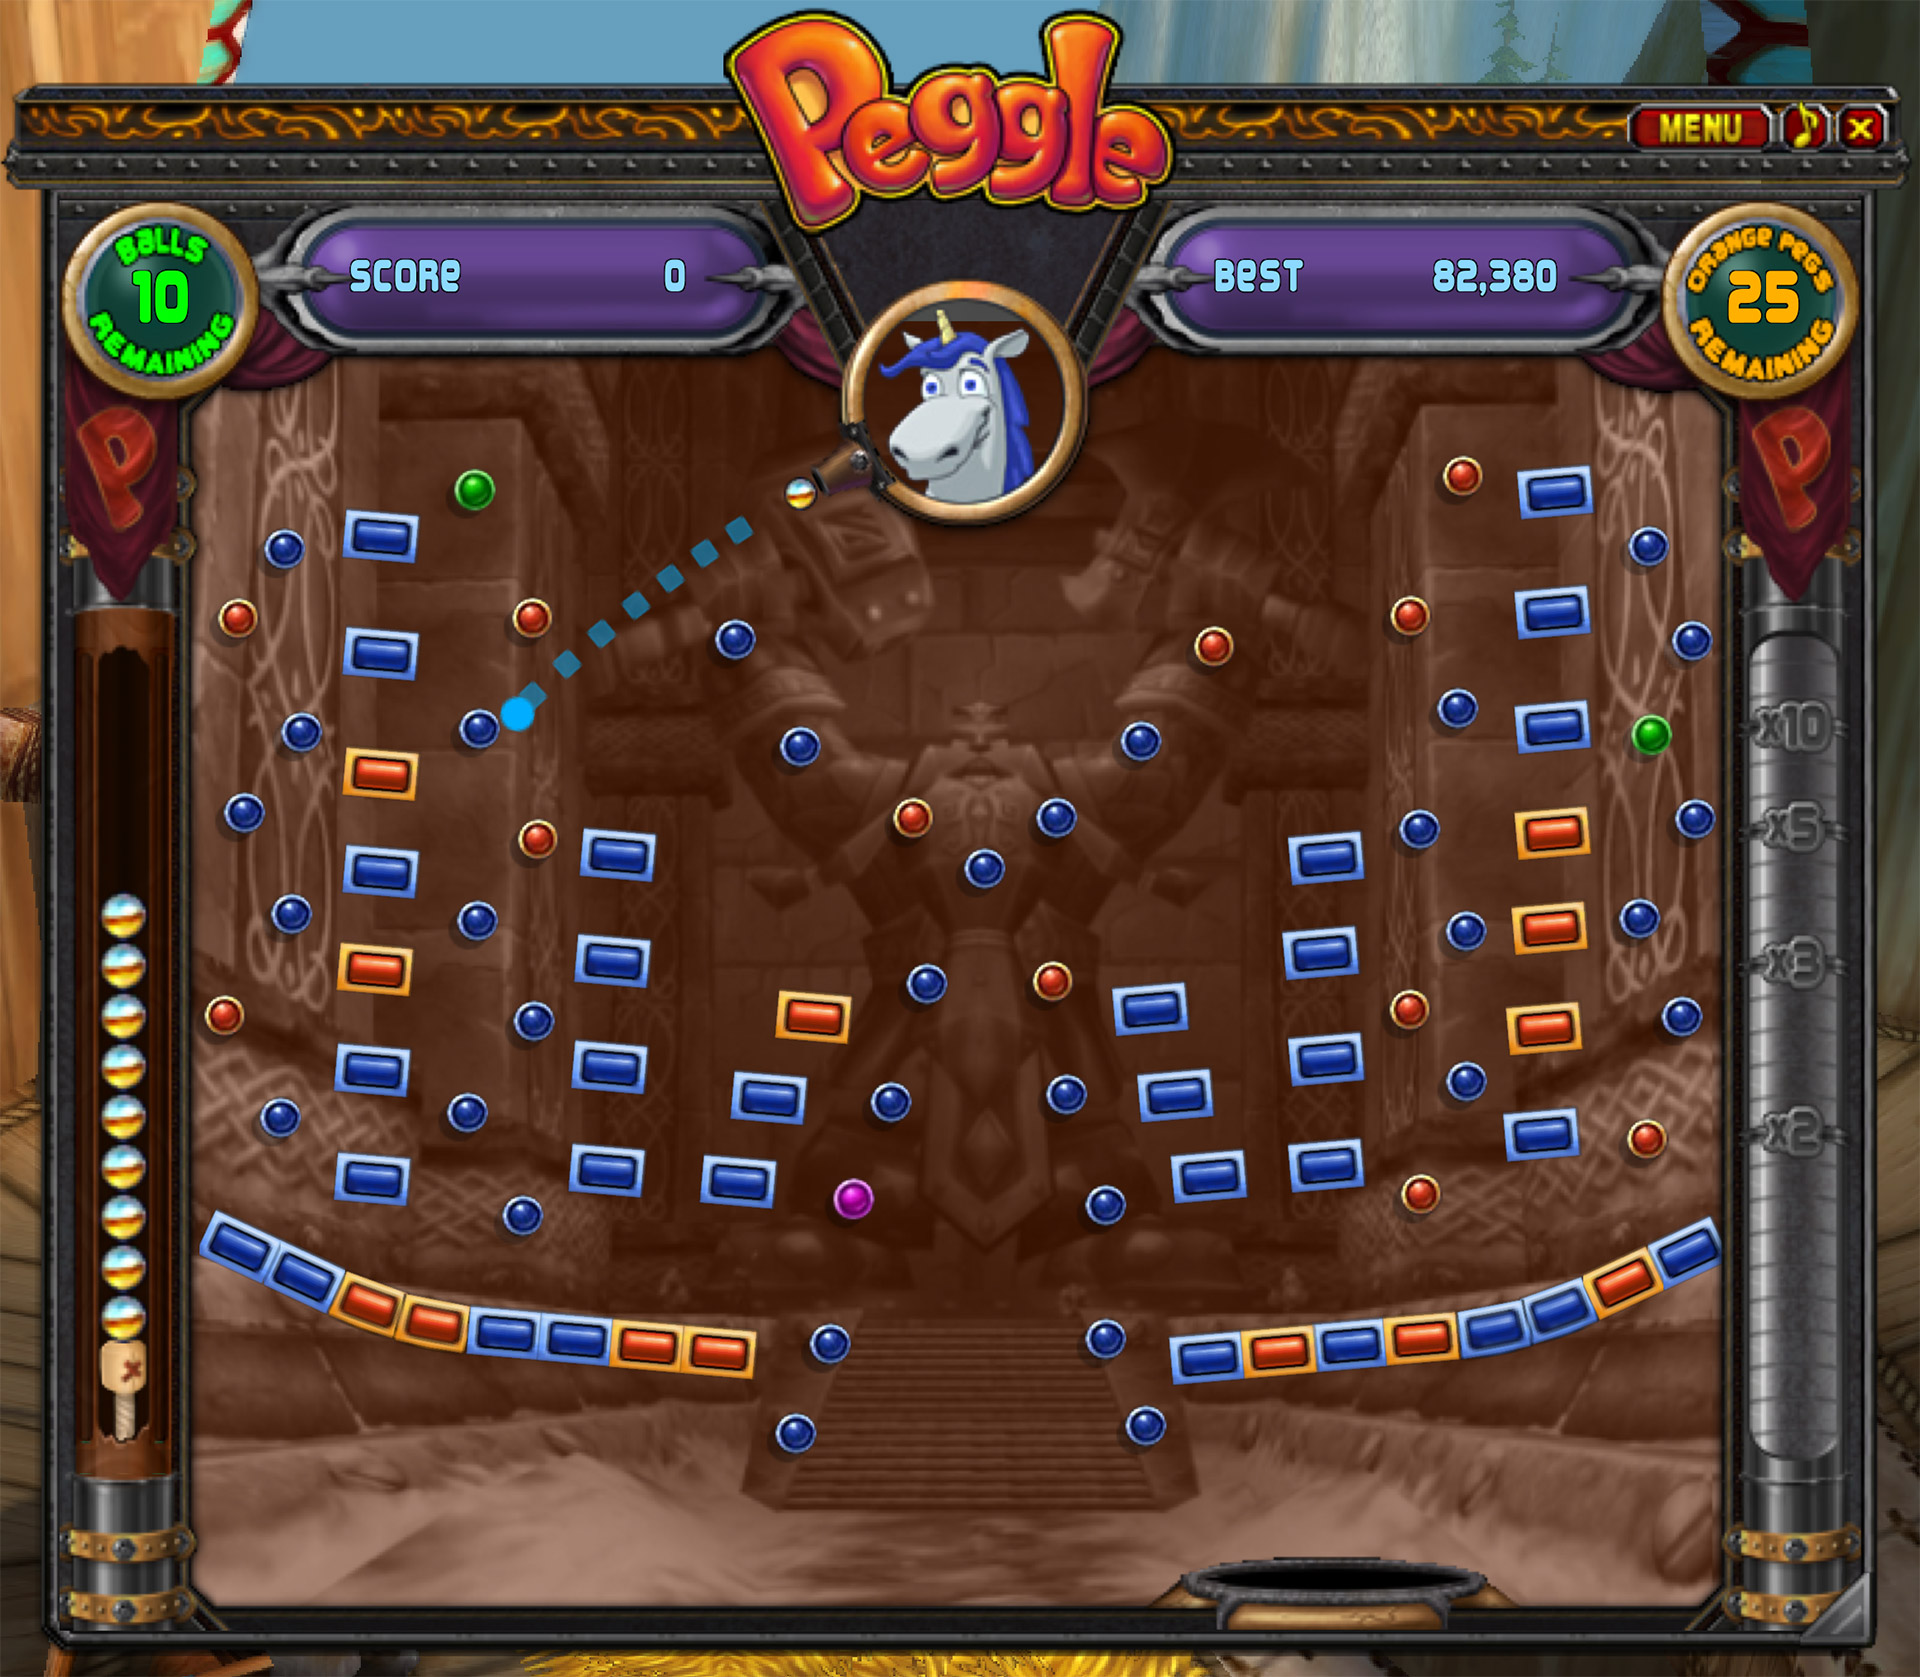 Fenêtre du mini-jeu casse-bric Peggle.